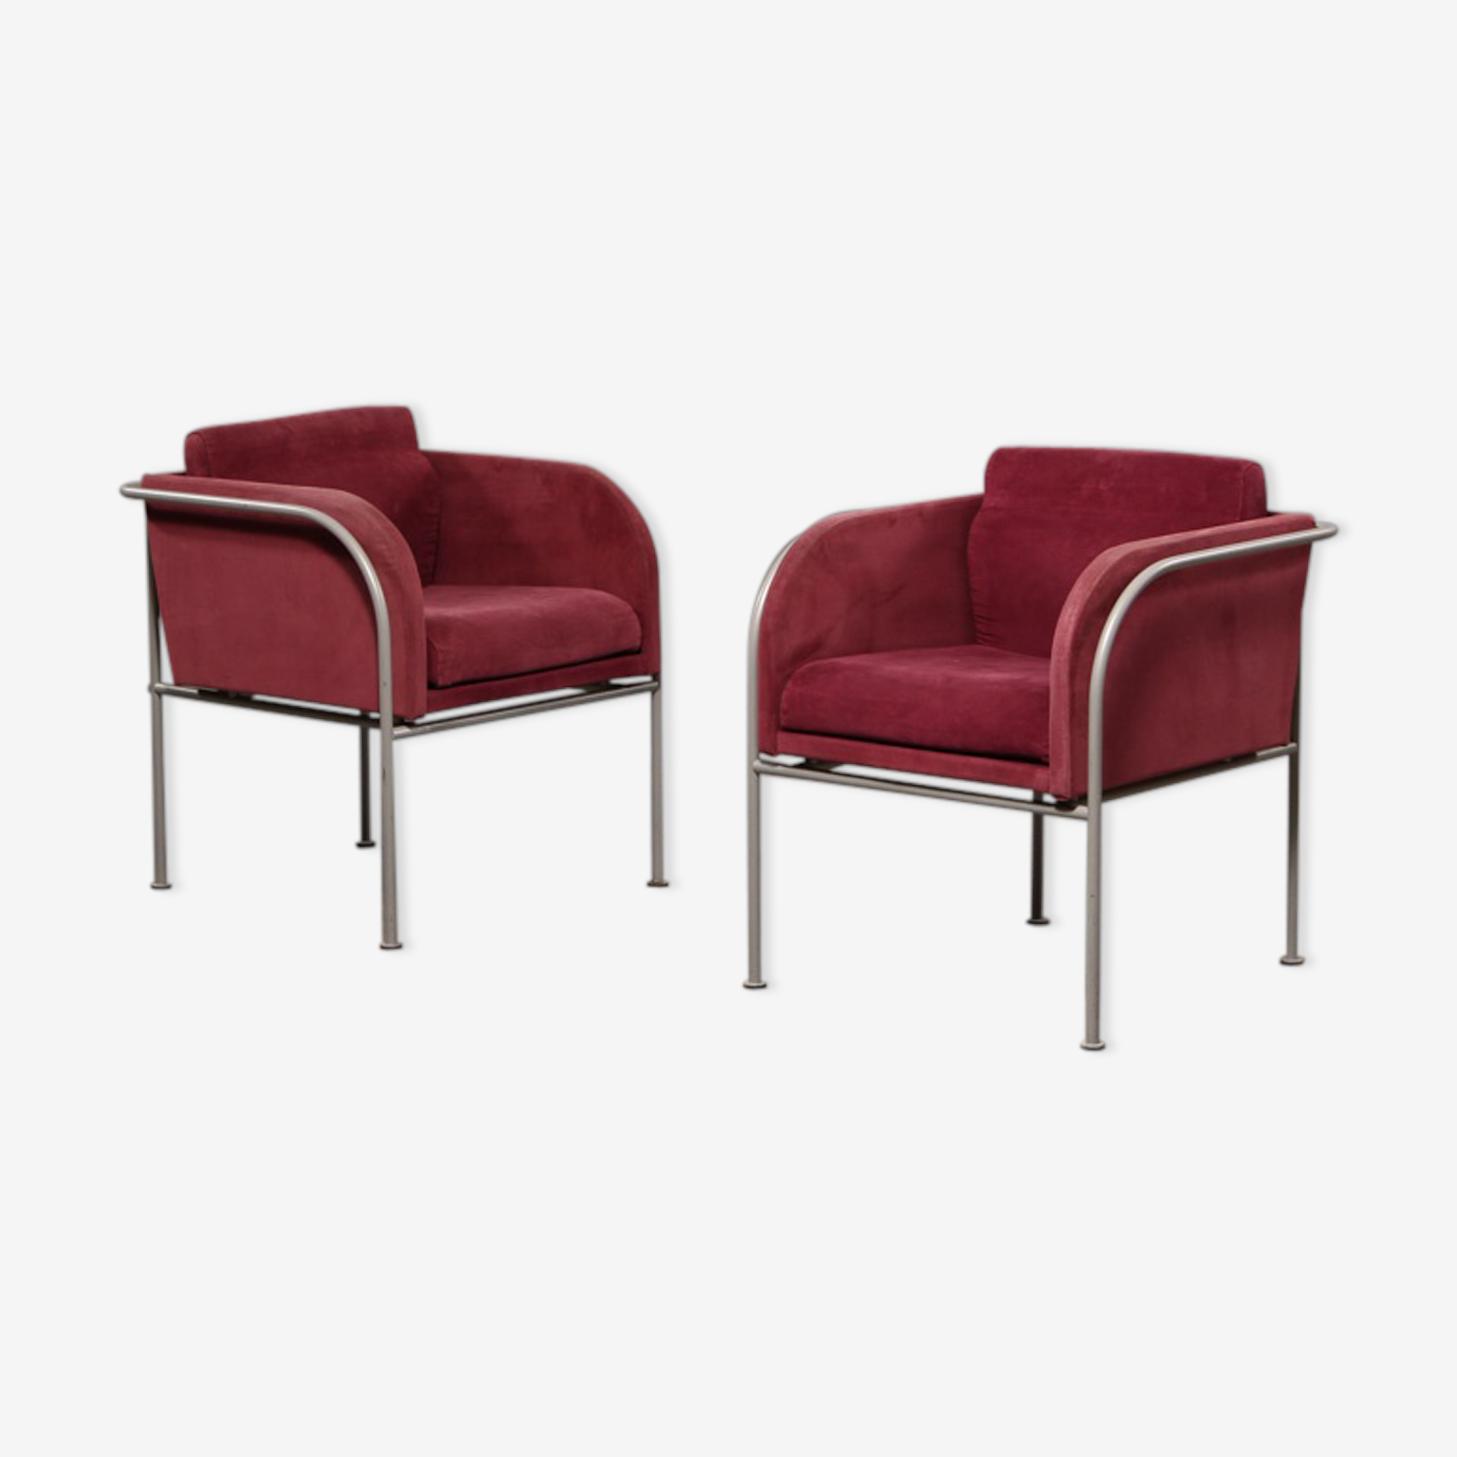 Paire de fauteuils scandinave des années 1970's